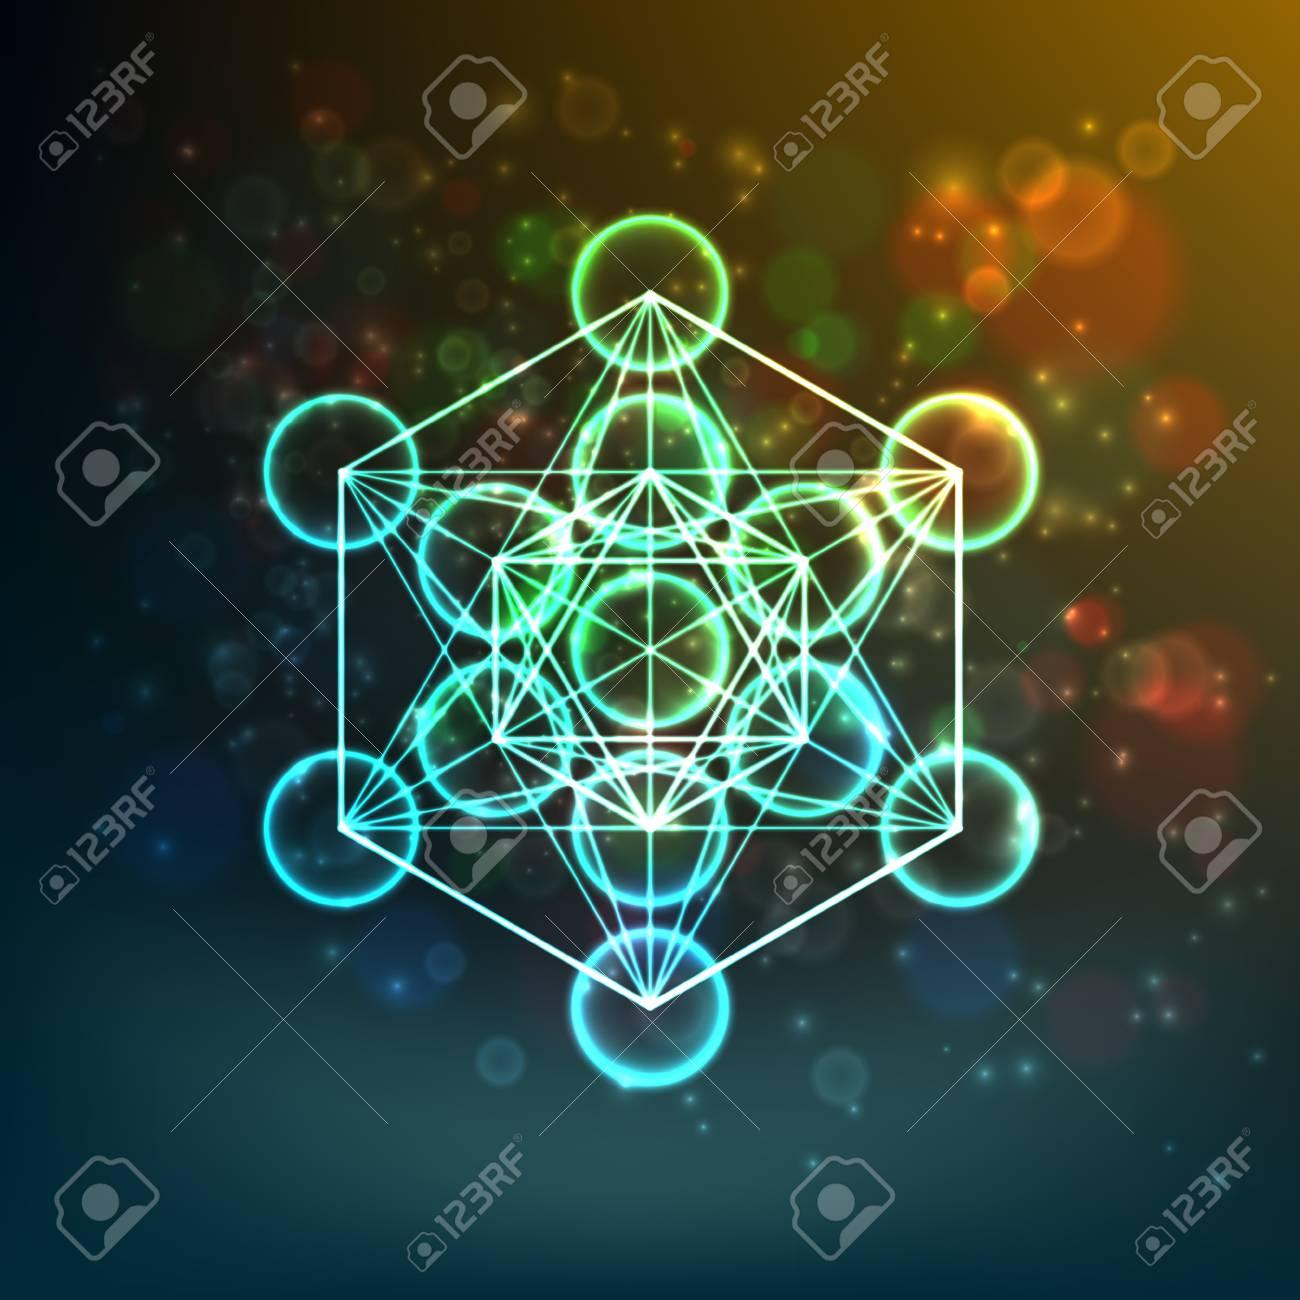 La Flor De La Vida Geometría Sagrada Símbolo De Armonía Y